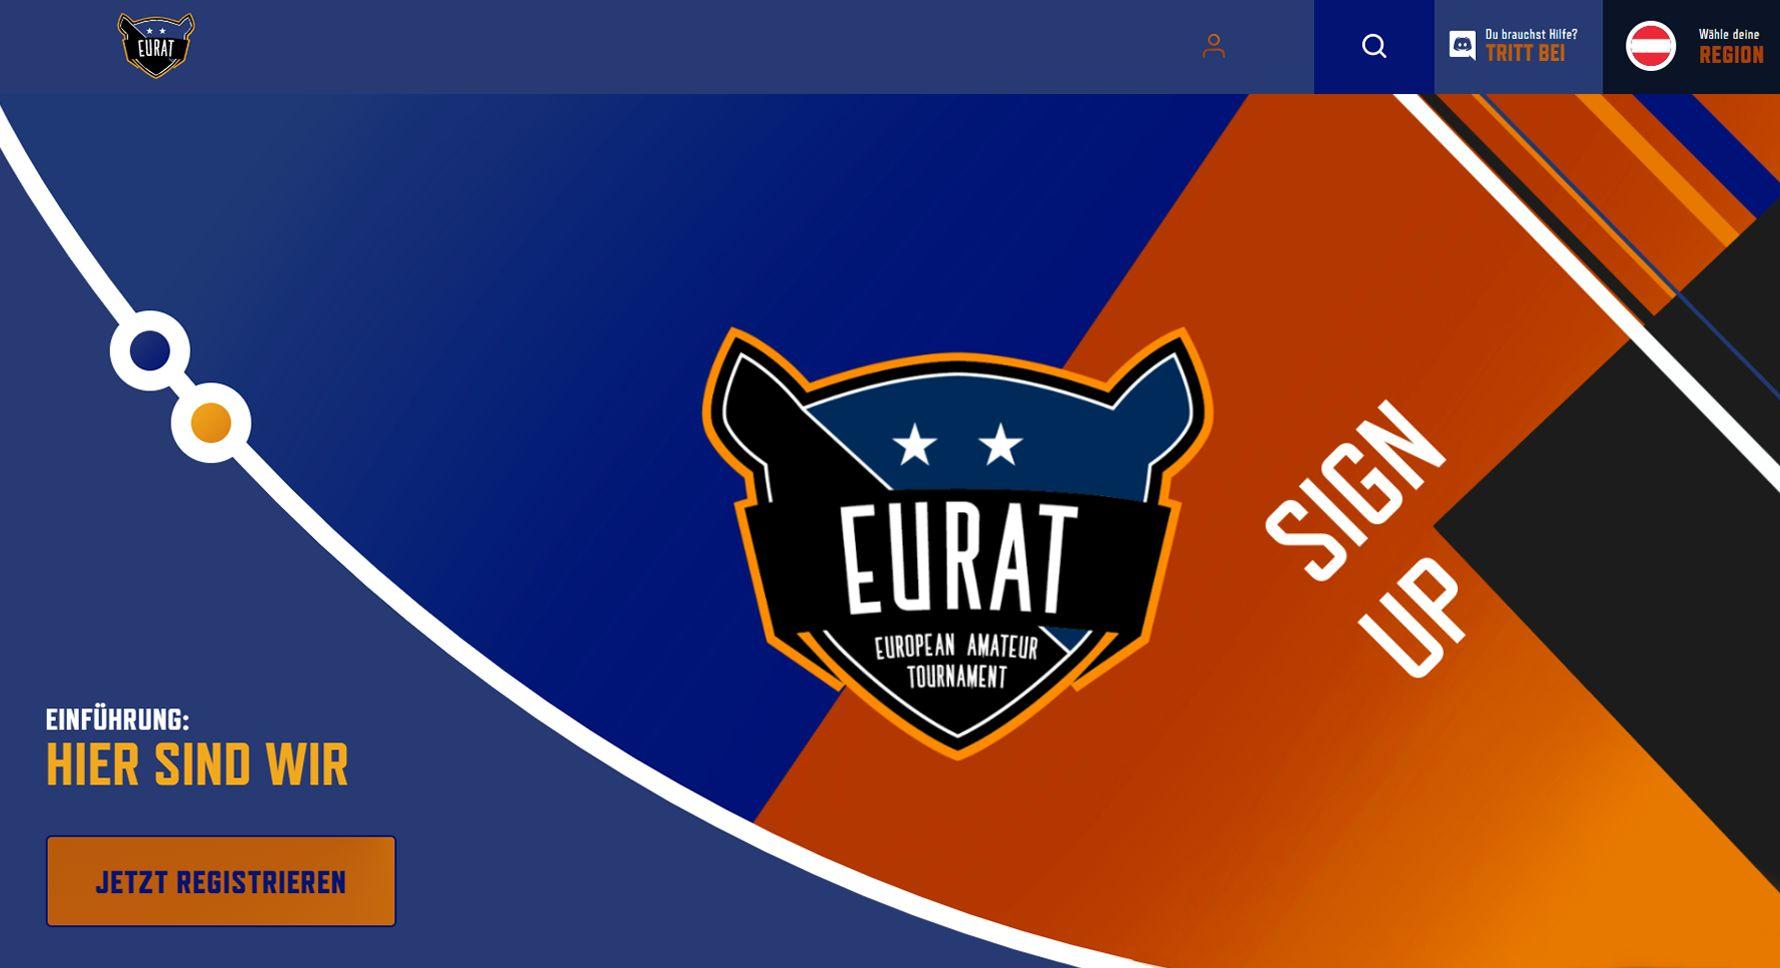 EURAT.gg: erste europäische Amateur E-Sports Plattform